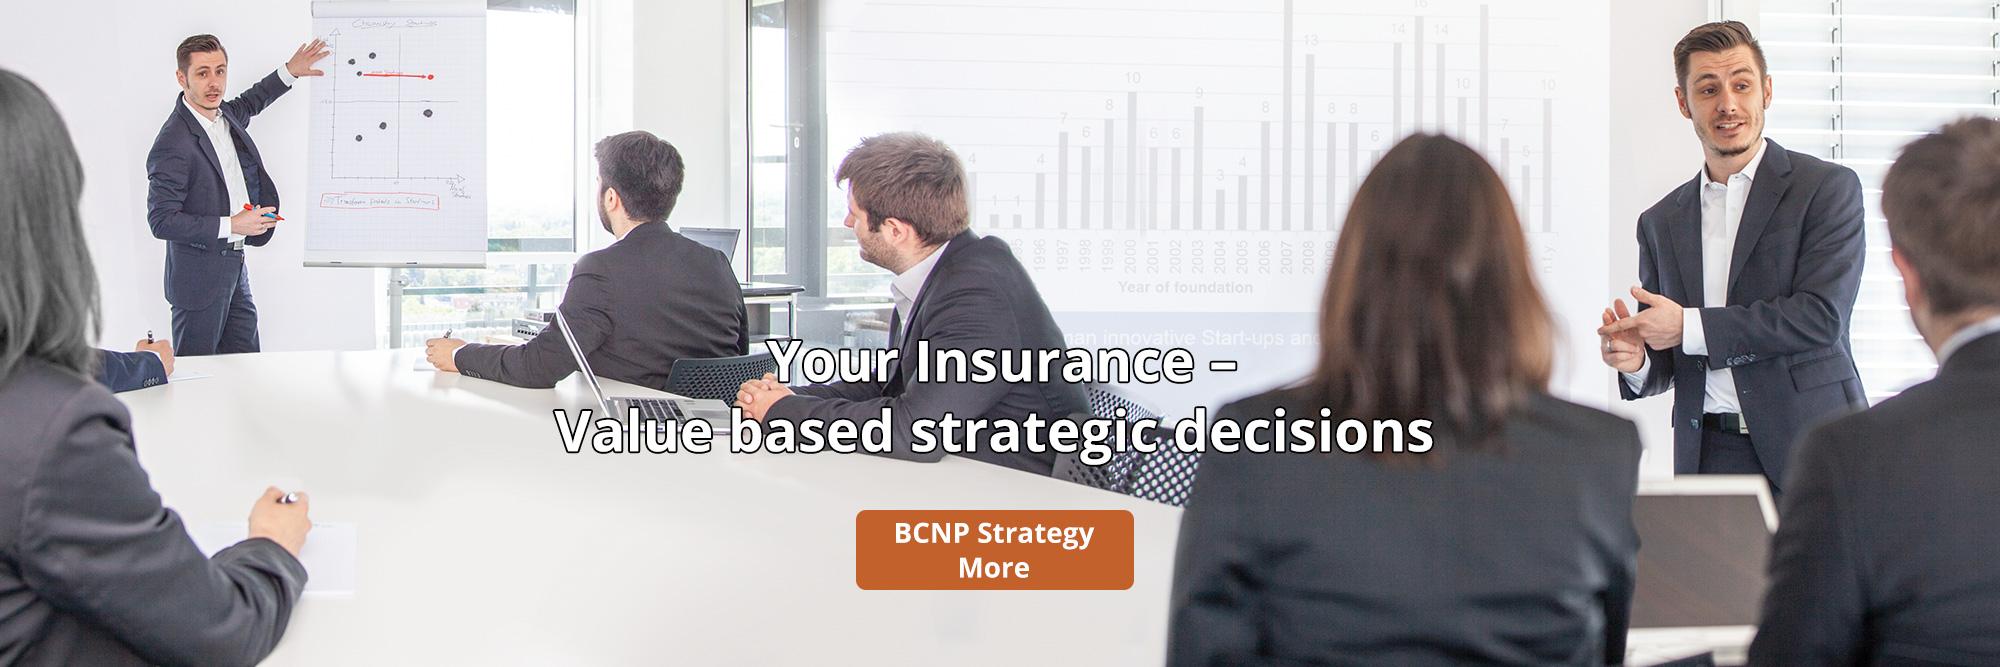 BCNP Strategy